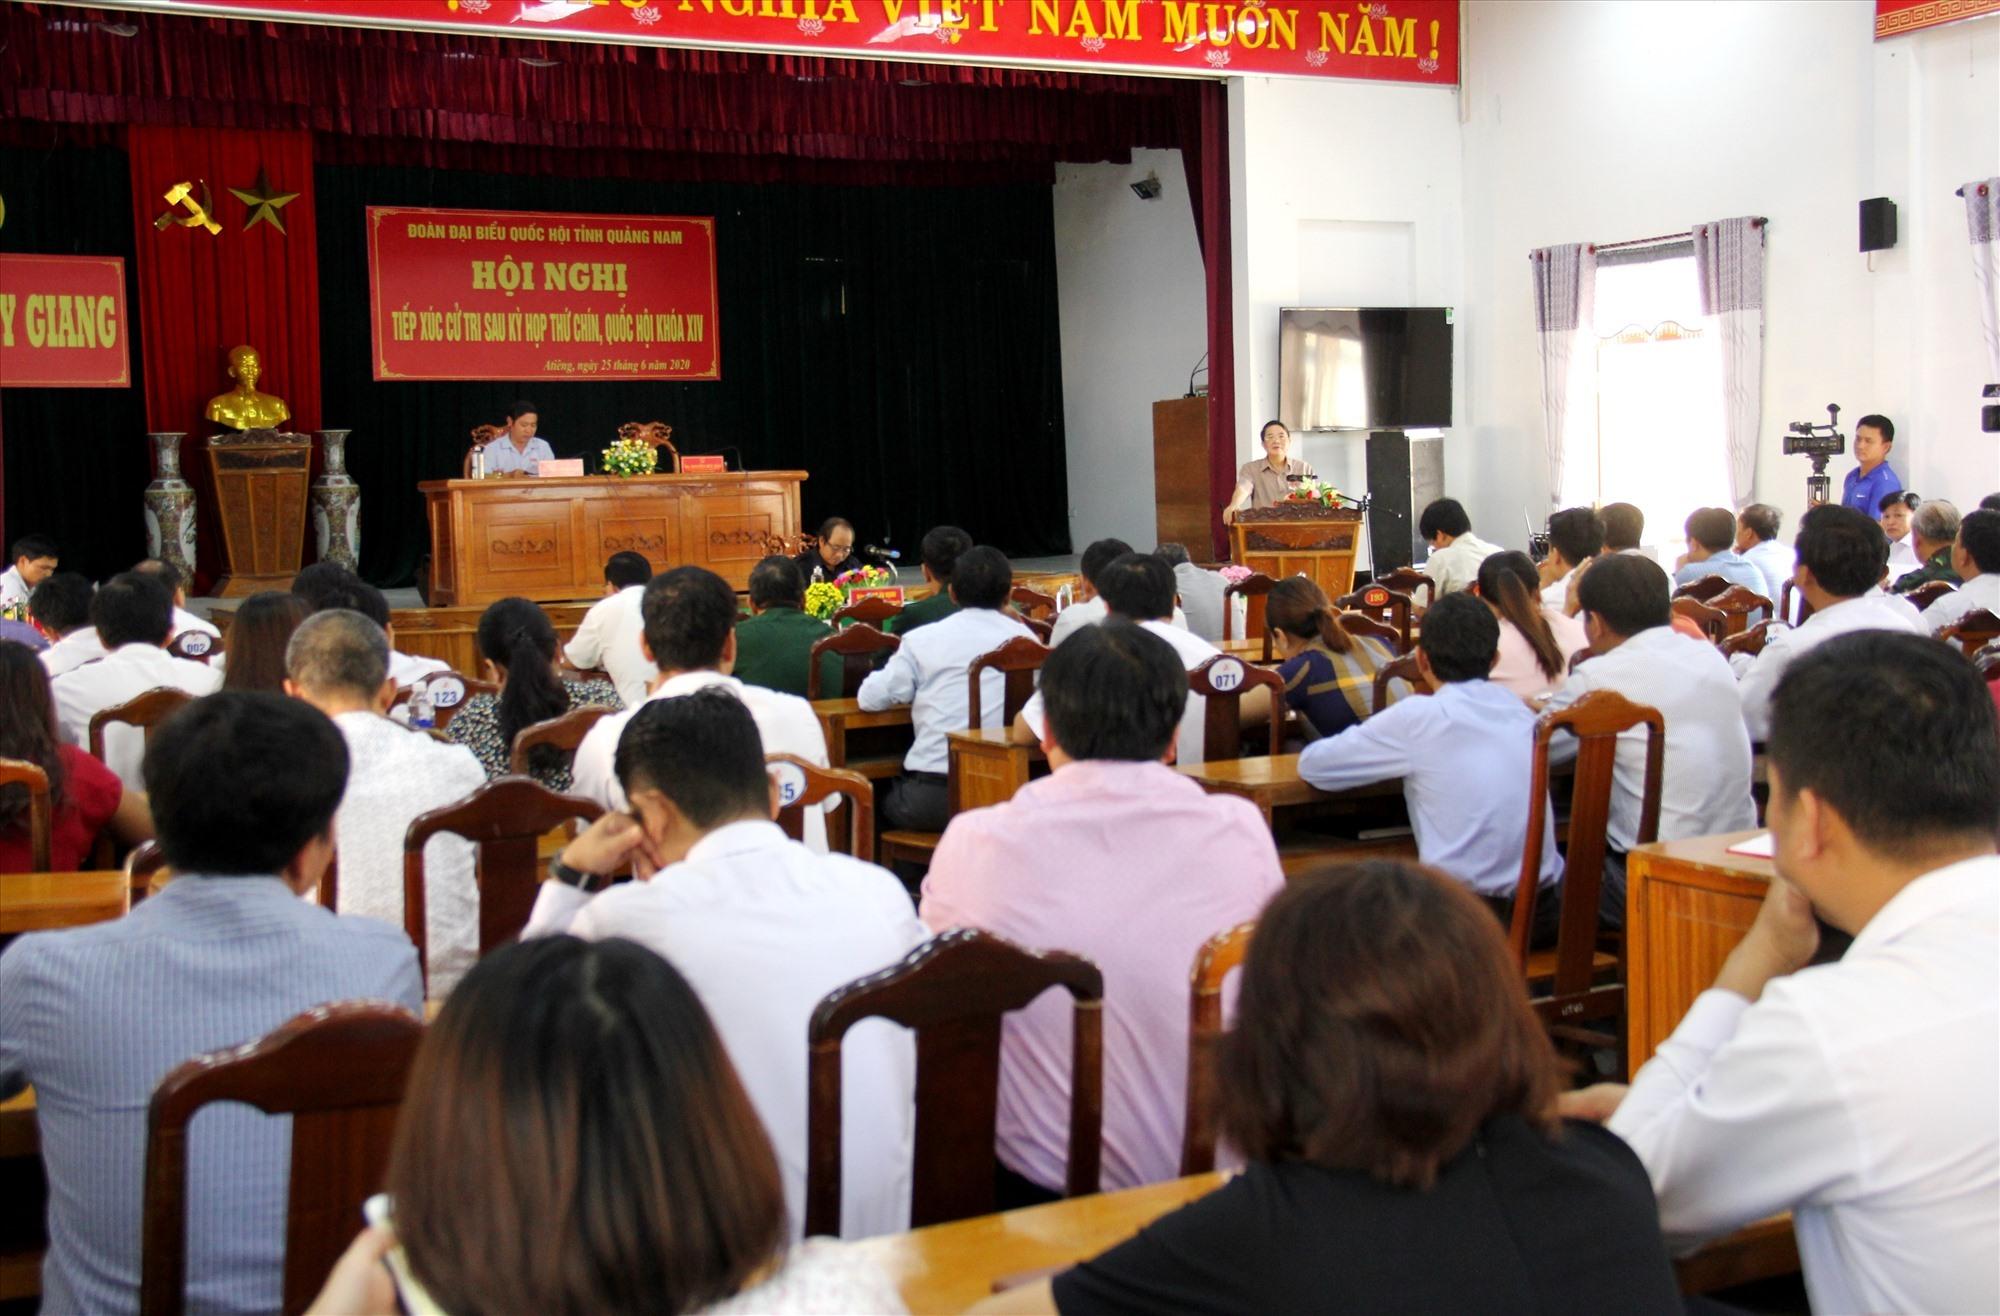 Đông đảo cử tri Tây Giang tham dự buổi tiếp xúc với ĐBQH. Ảnh: A.N